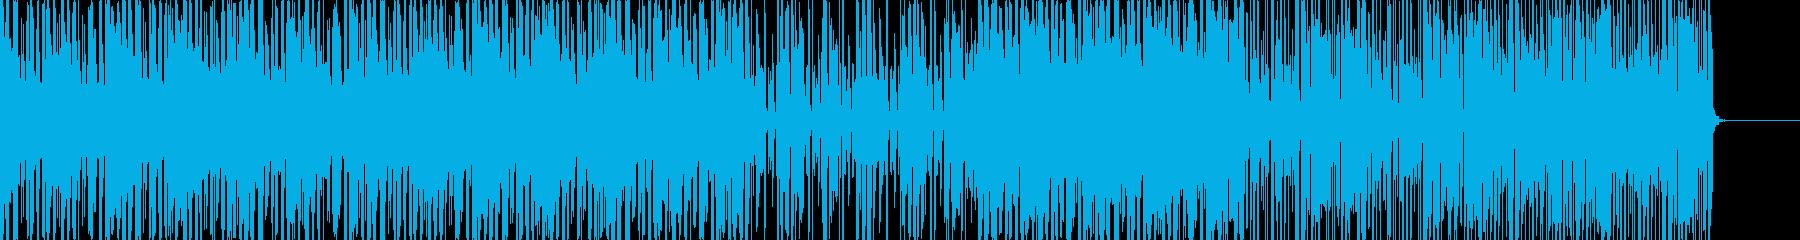 セレクト画面 ブリーフィングなどに使えるの再生済みの波形